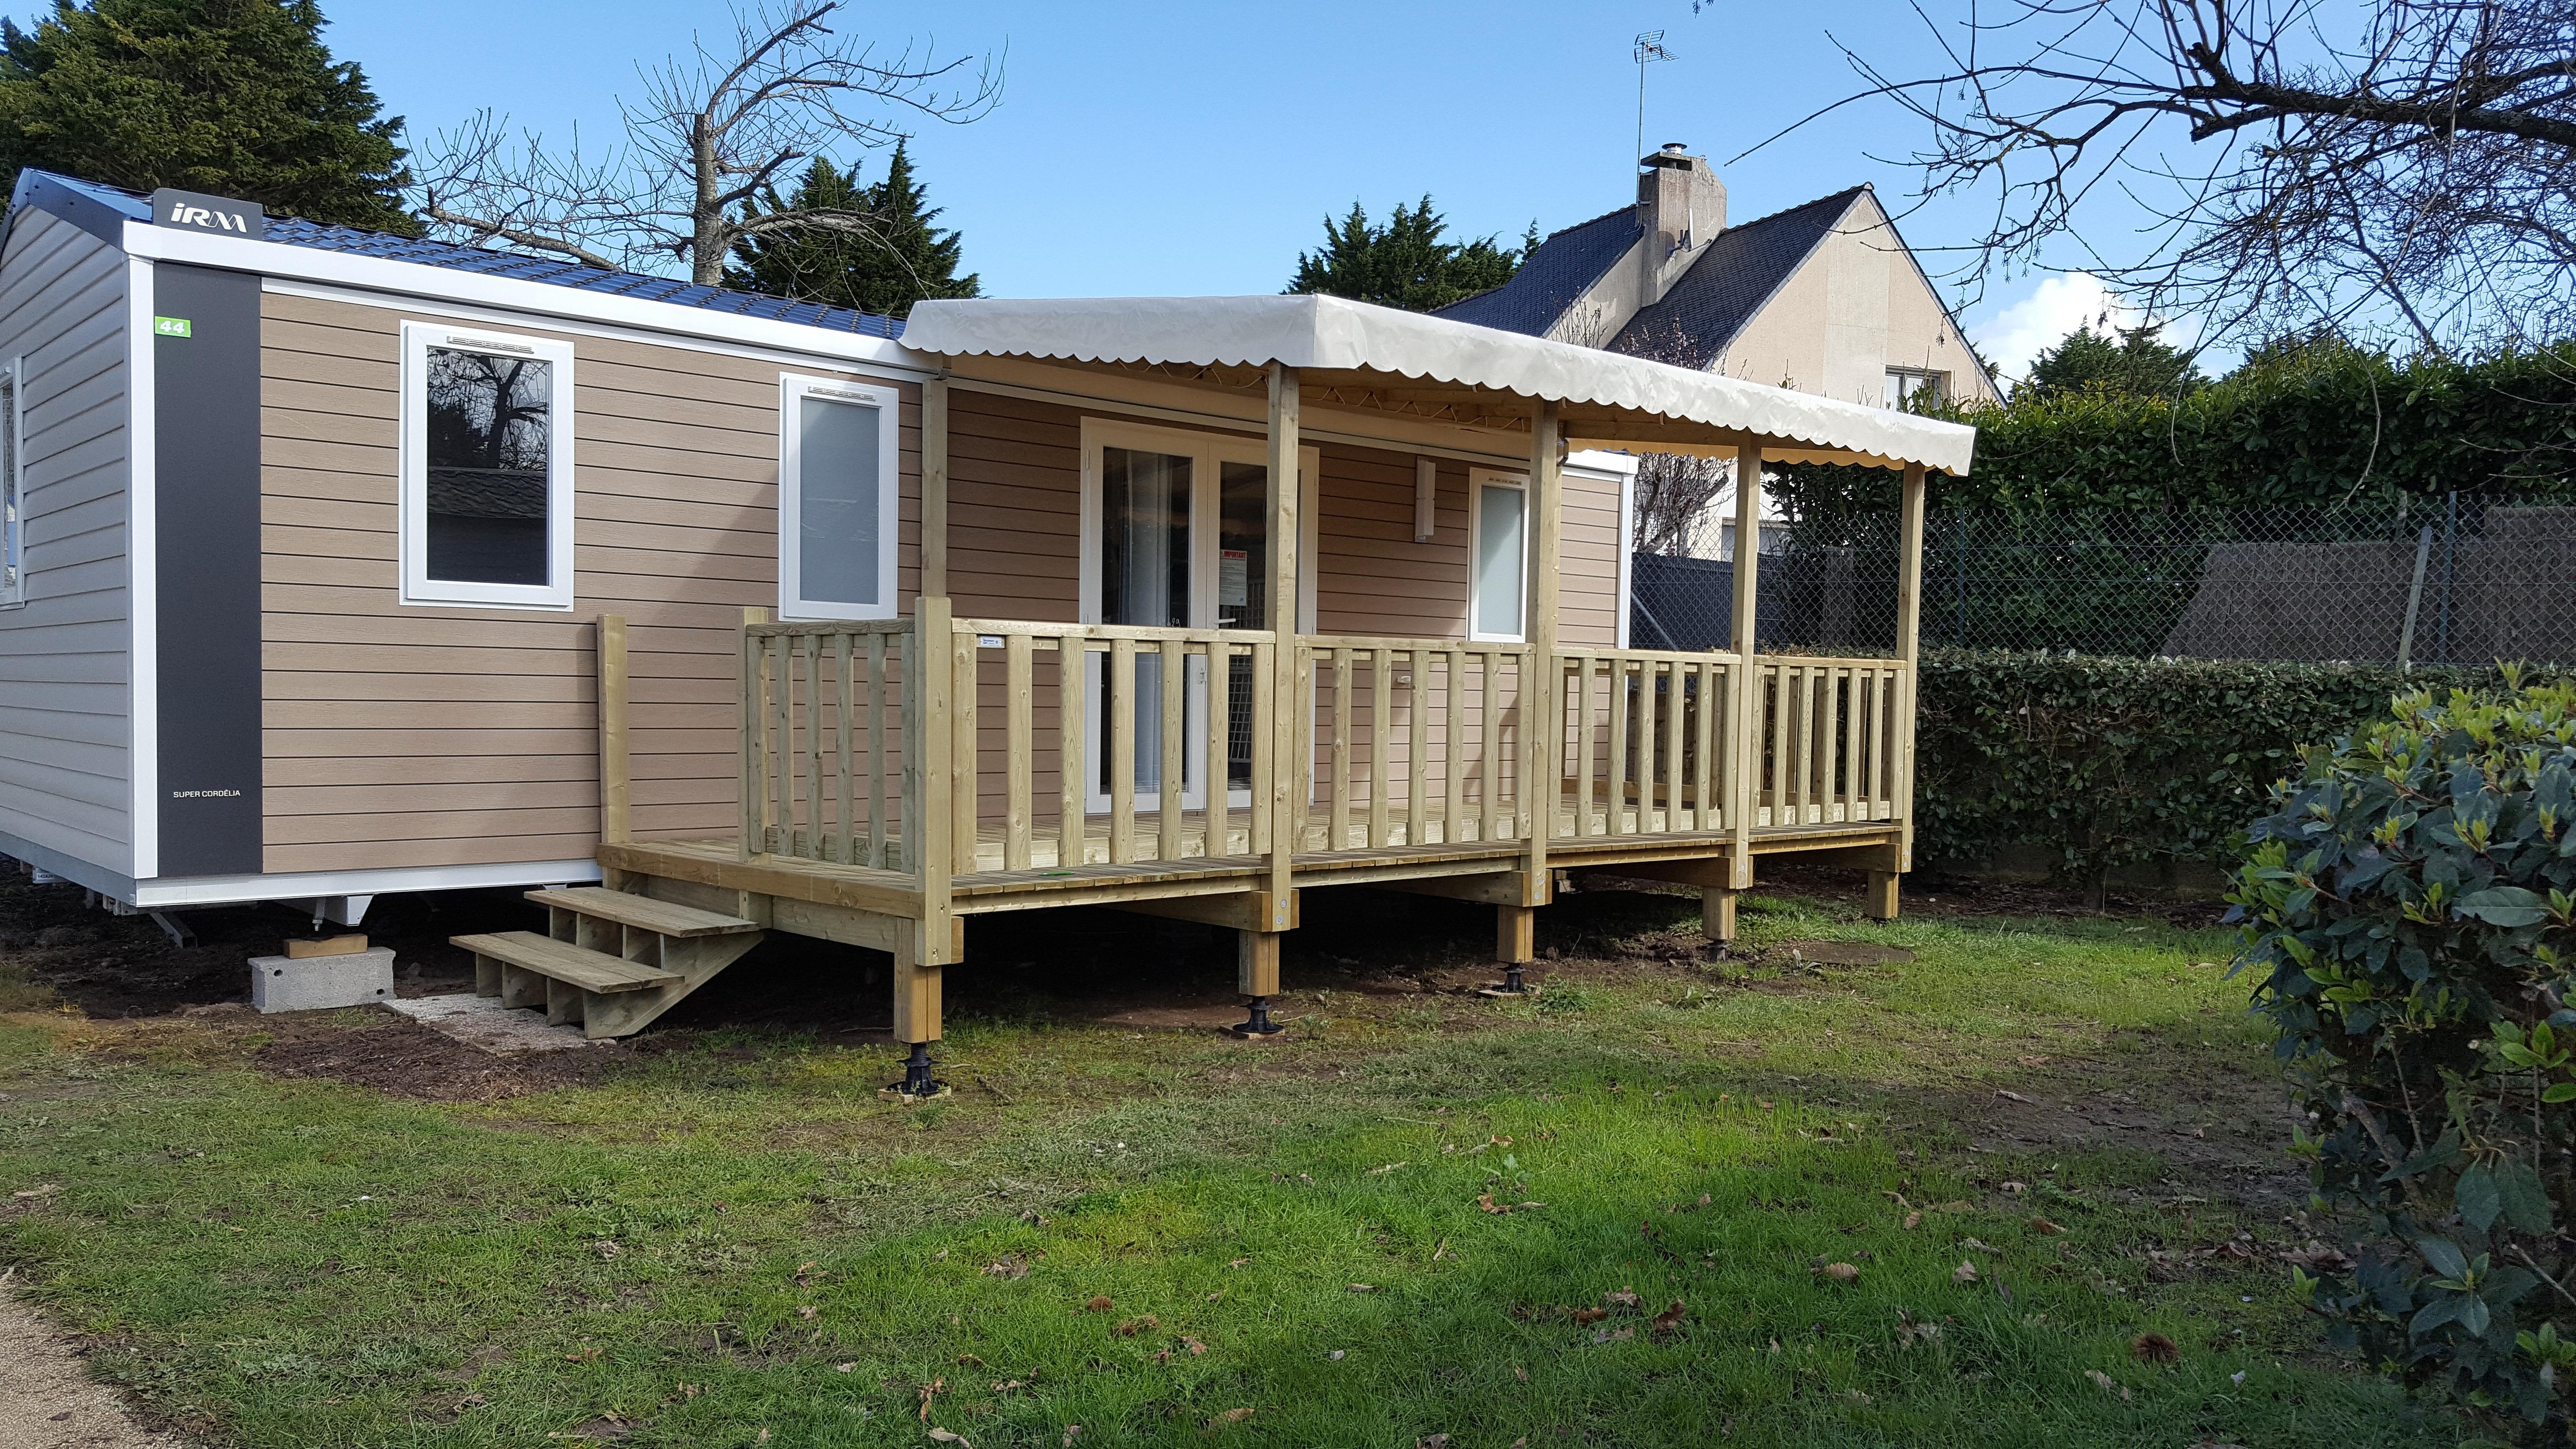 Location - Mobilhome Irm 3 Chambres Avec Terrasse Couverte  Nouveauté 2019 - Camping Pen Palud